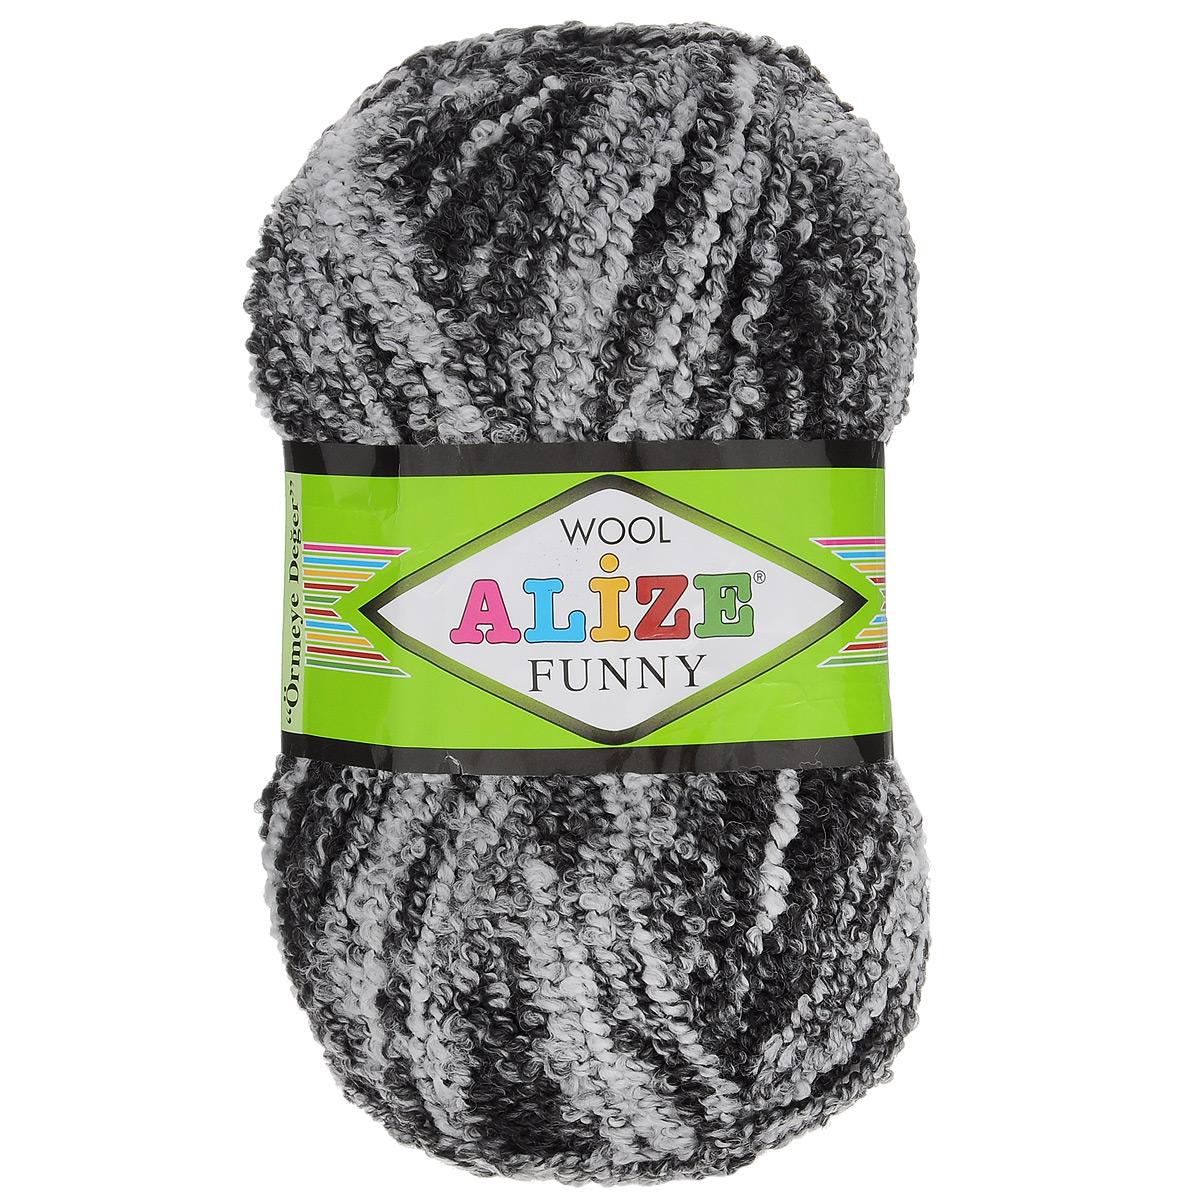 Пряжа для вязания Alize Wool Funny, цвет: черный, белый (1001), 170 м, 100 г, 5 шт364110_1001Пряжа для вязания Alize Wool Funny изготовлена из акрила, шерсти и полиэстера. Шерстяную пряжу лучше использовать для вязания верхней одежды. У нее более толстая и прочная нить. Вещи, связанные из такой пряжи, прекрасно согревают и при правильном уходе долго носятся. В качестве моделей для вязки можно рекомендовать плотные вещи: пальто, осенние длинные кардиганы, пончо, болеро, мужские свитера. Рассчитана на любой уровень мастерства, но особенно понравится начинающим мастерицам - благодаря толстой нити пряжа Alize Wool Funny позволяет быстро связать простую вещь. Структура и состав пряжи максимально комфортны для вязания. Рекомендованные спицы для вязания: № 6-7 мм. Комплектация: 5 мотков. Состав: 73% акрил, 20% шерсть, 7% полиэстер.